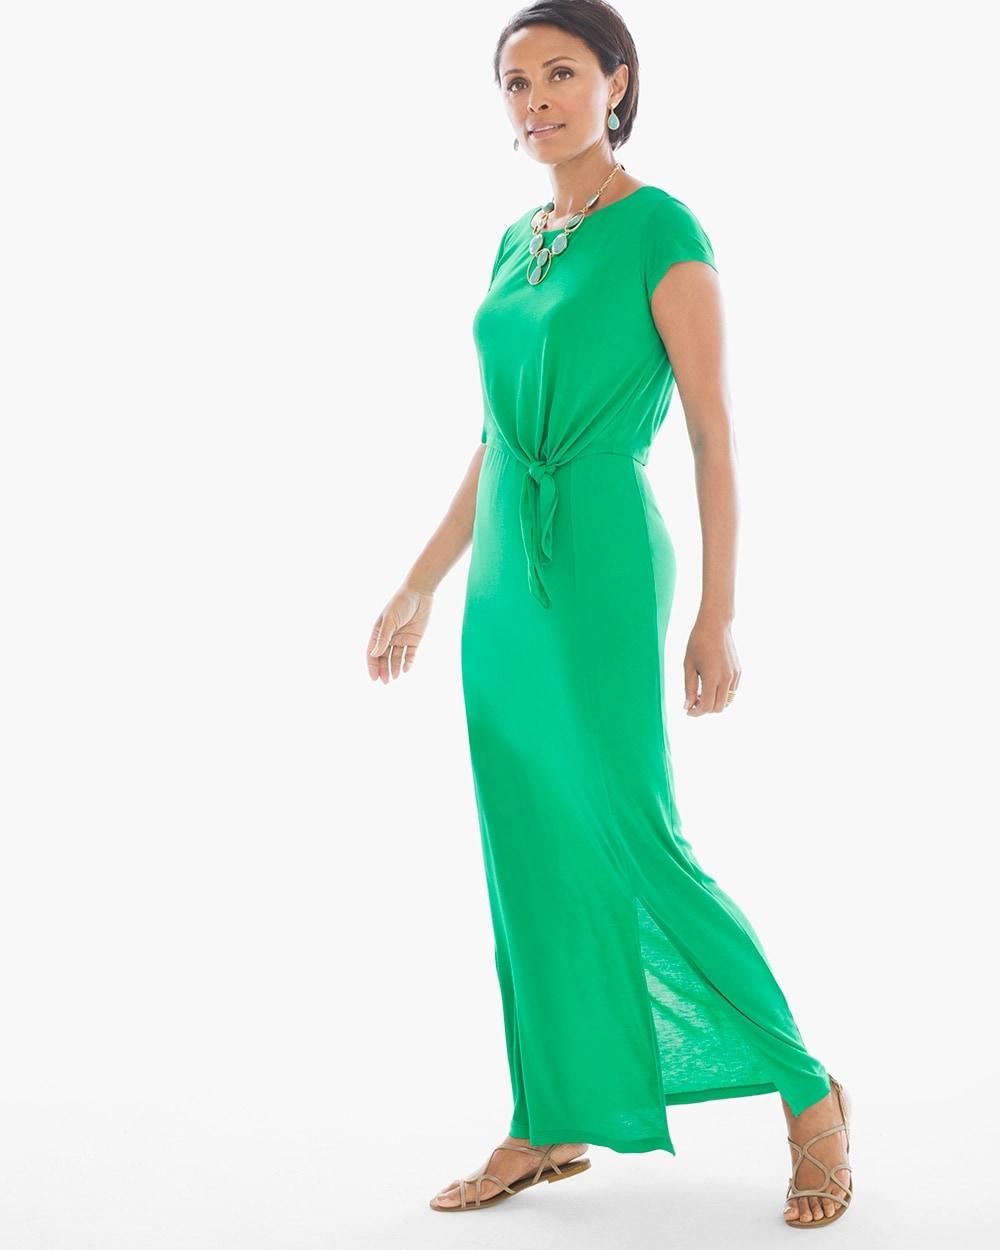 665d21ec9c5 Solid Popover Paige Maxi Dress - Chico s